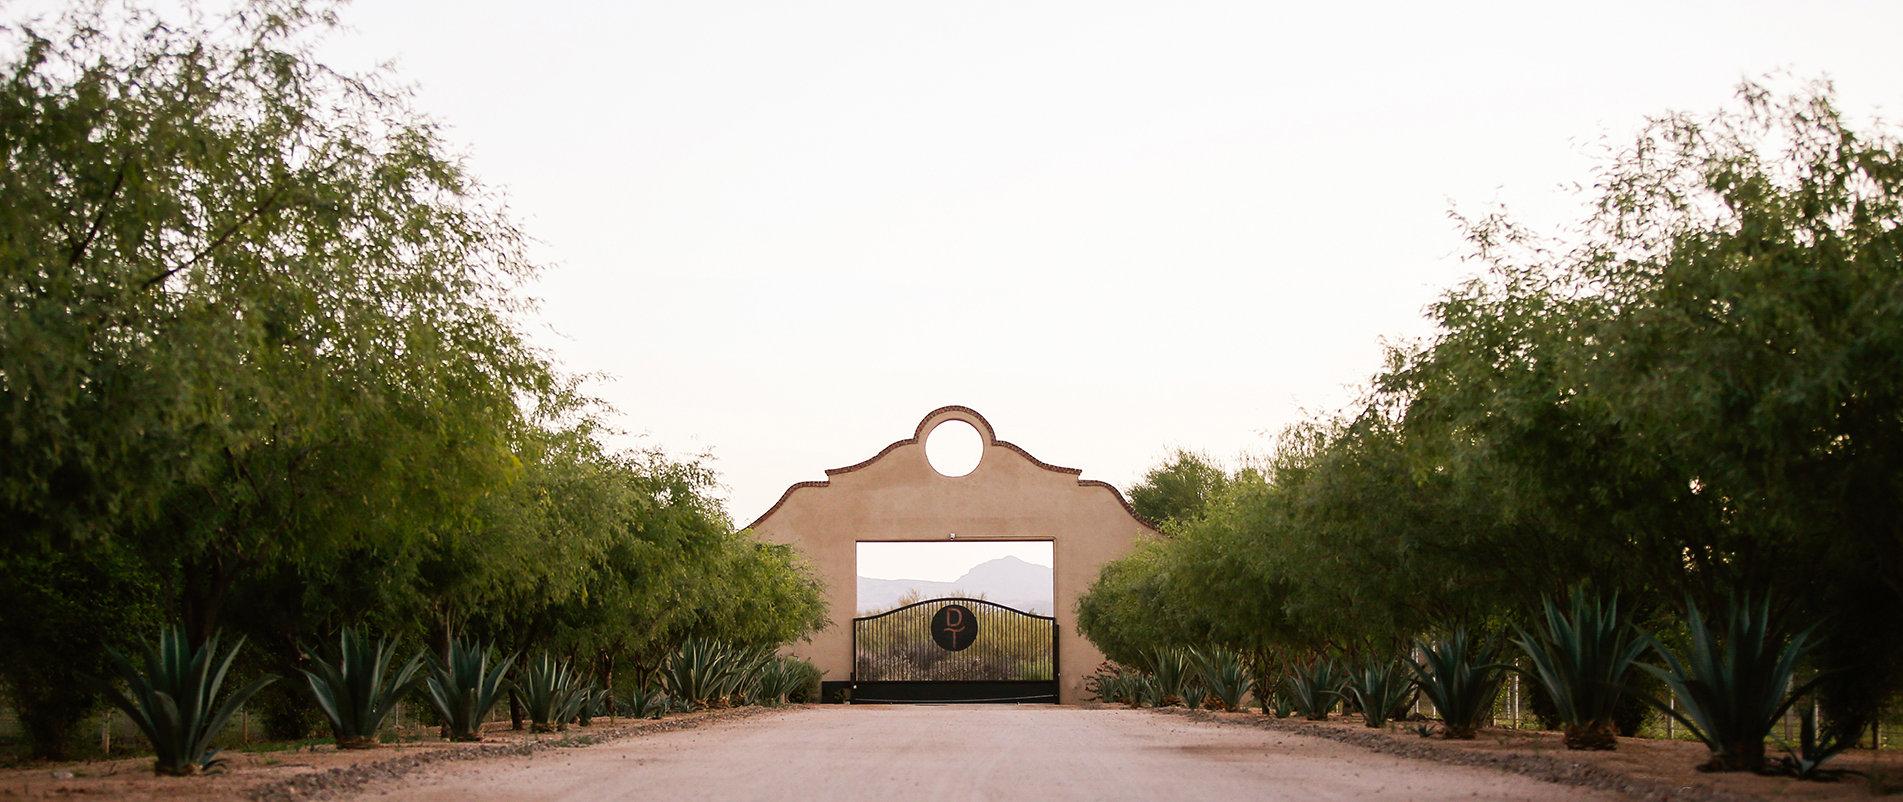 Arizona-Front Gates-DT-Horses-HX28191-Ed